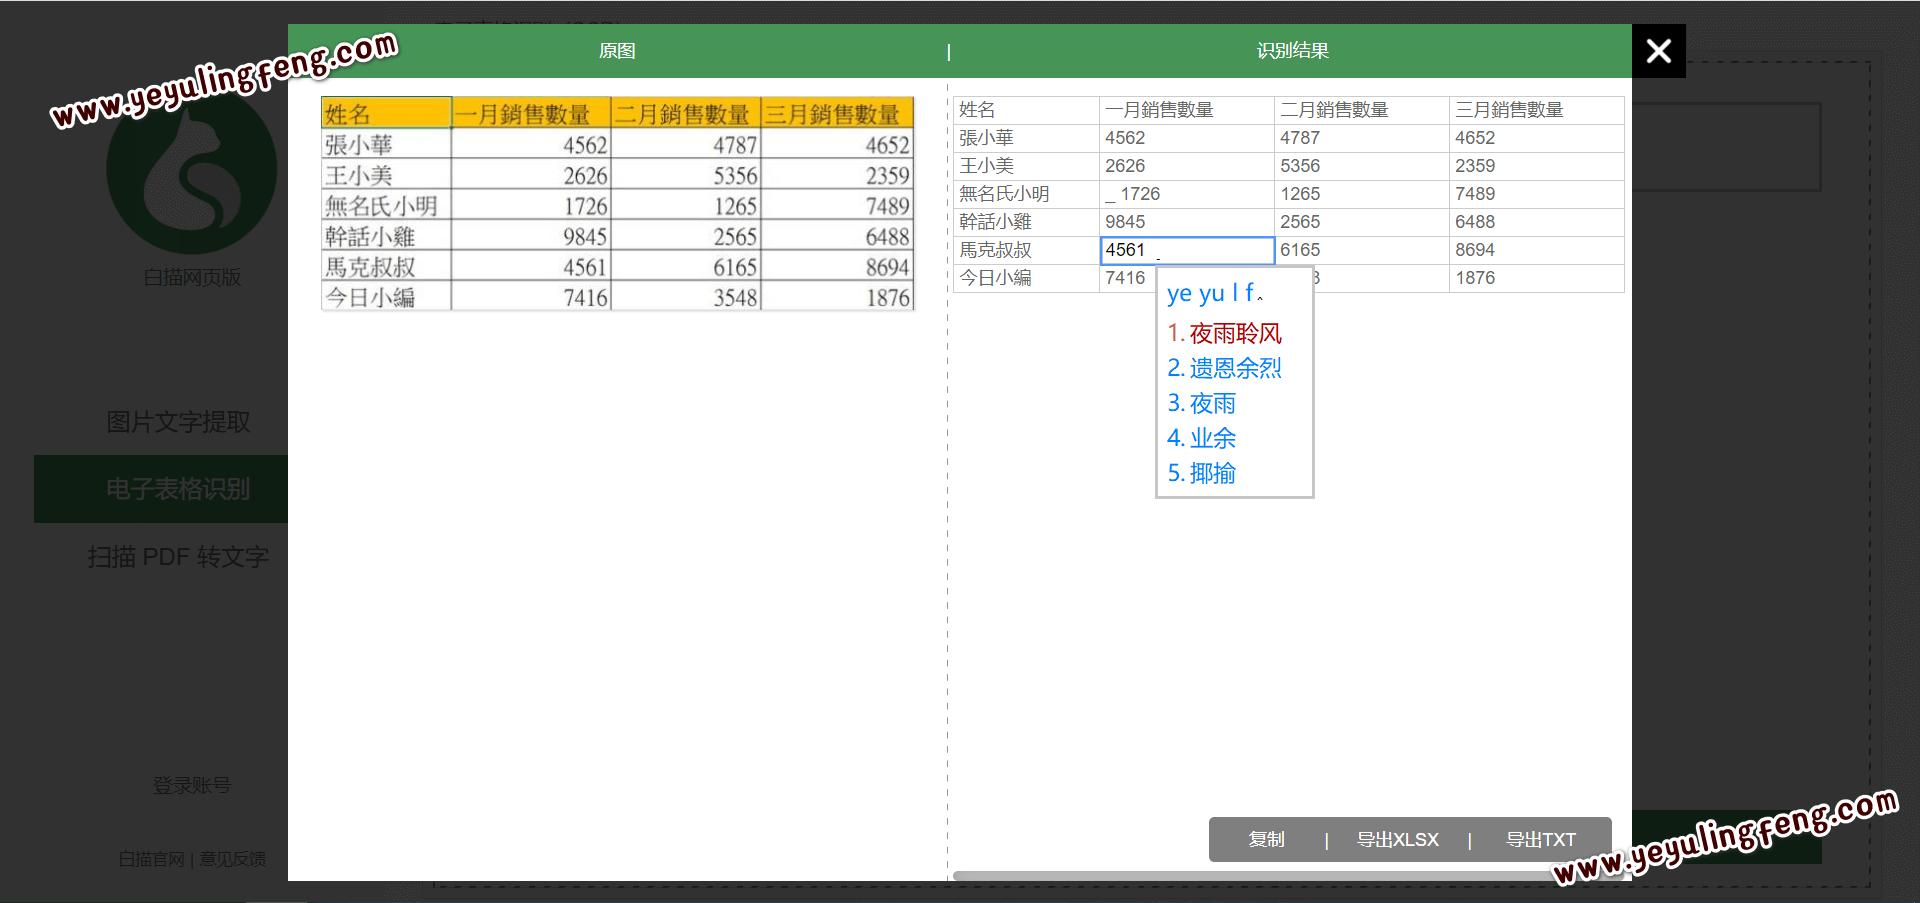 白描网页版 — 免费OCR文字表格识别